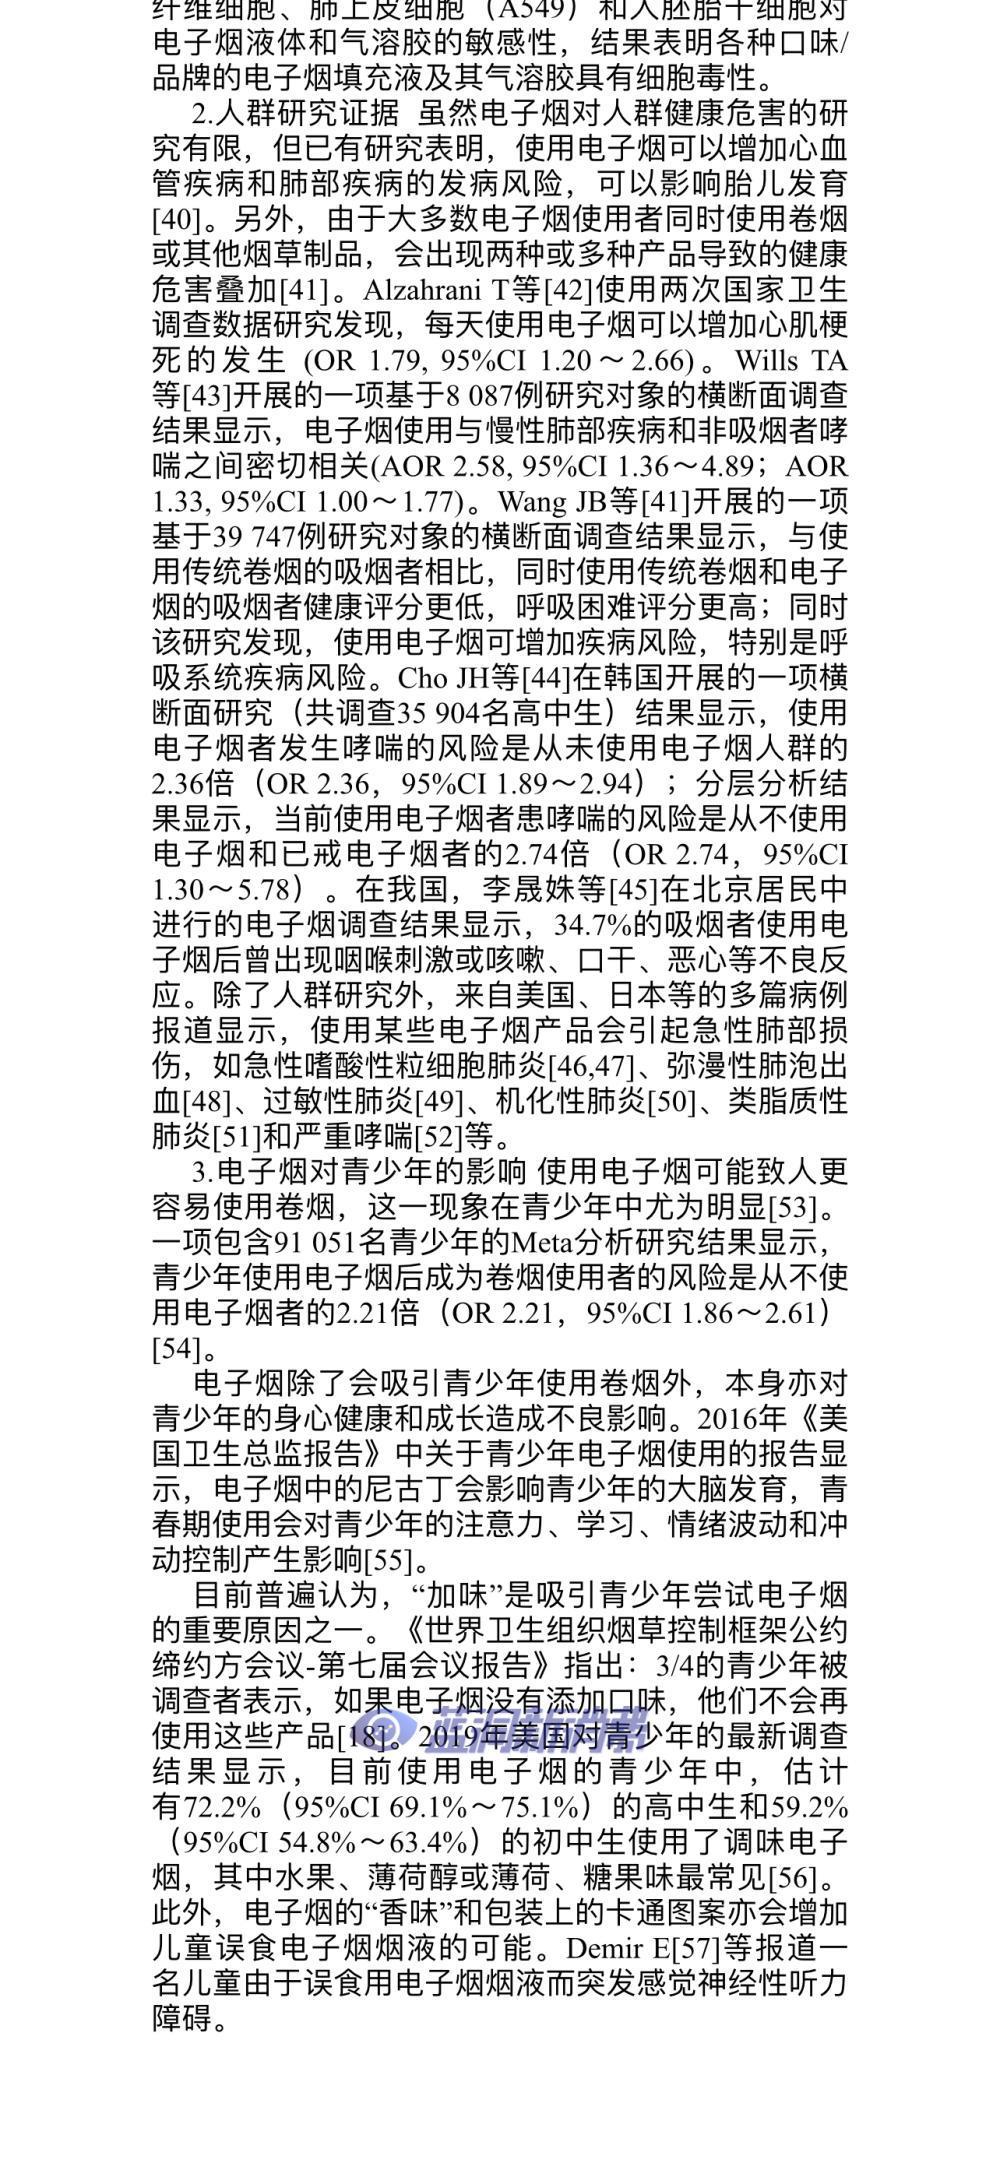 《中国吸烟危害健康报告2020》关于电子烟章节原文